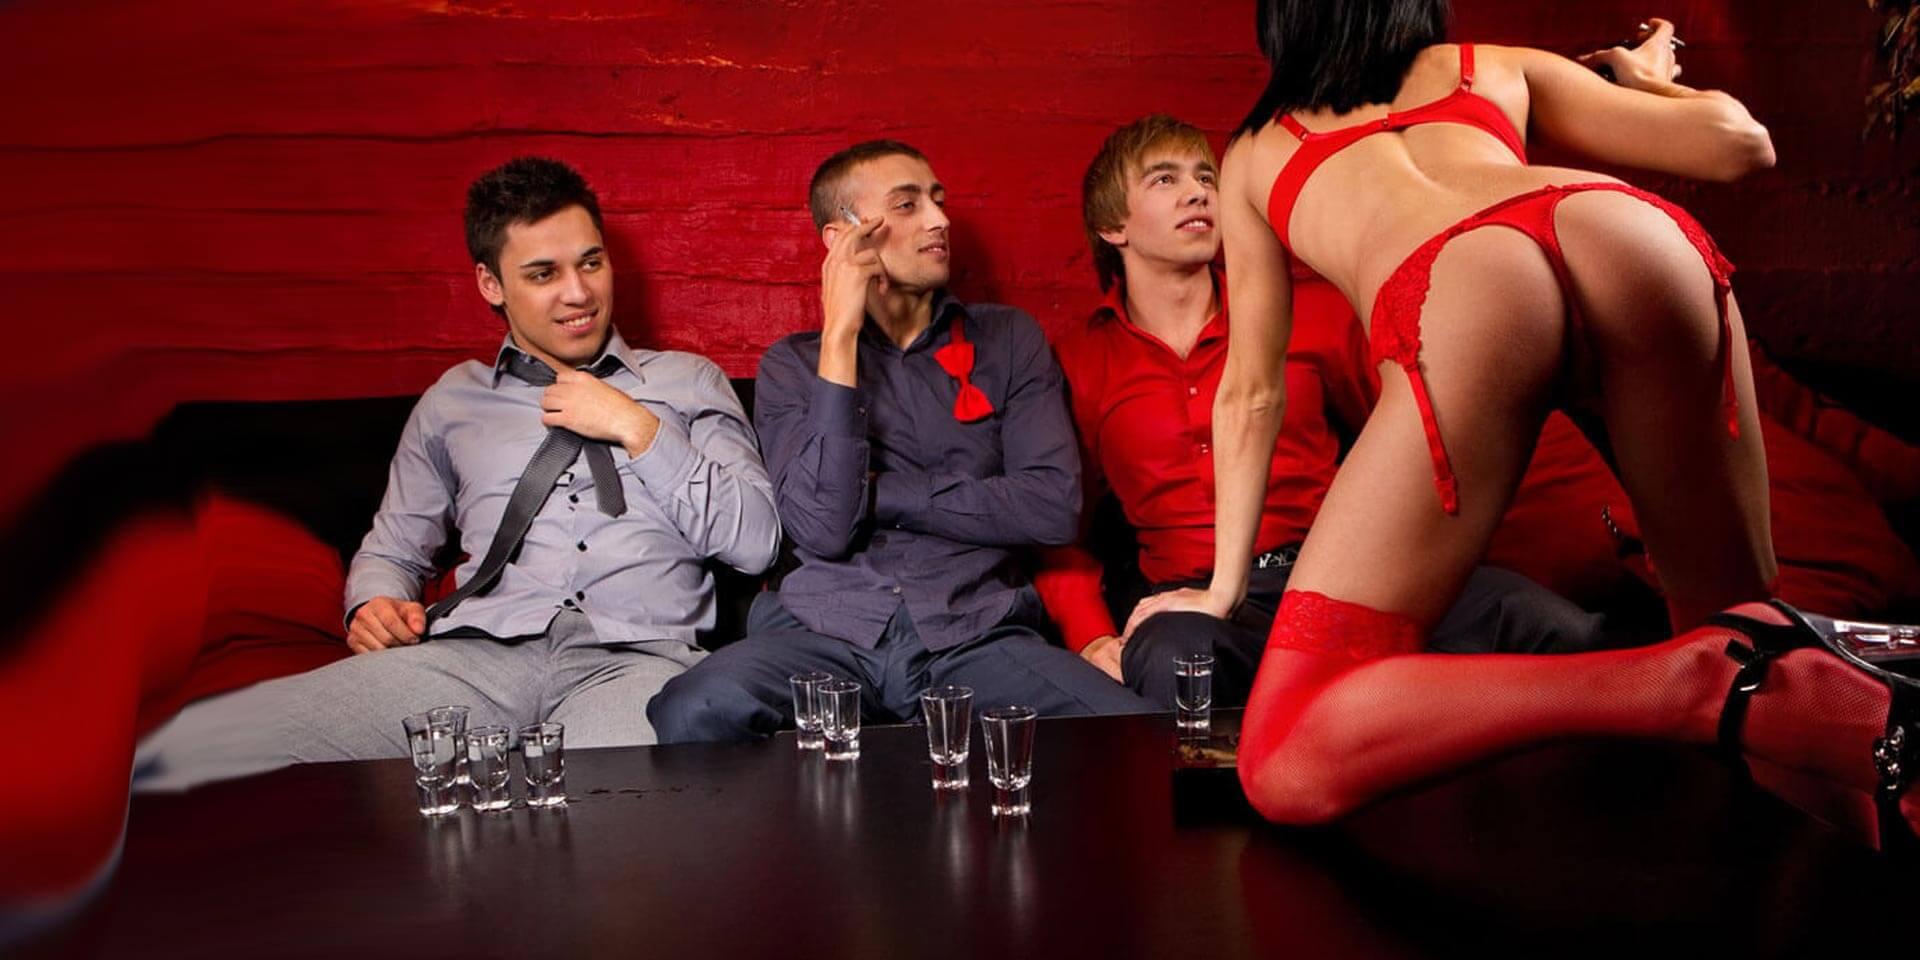 Фото с секс клуба, Клубный секс классные порно фото порева ебли онлайн 12 фотография